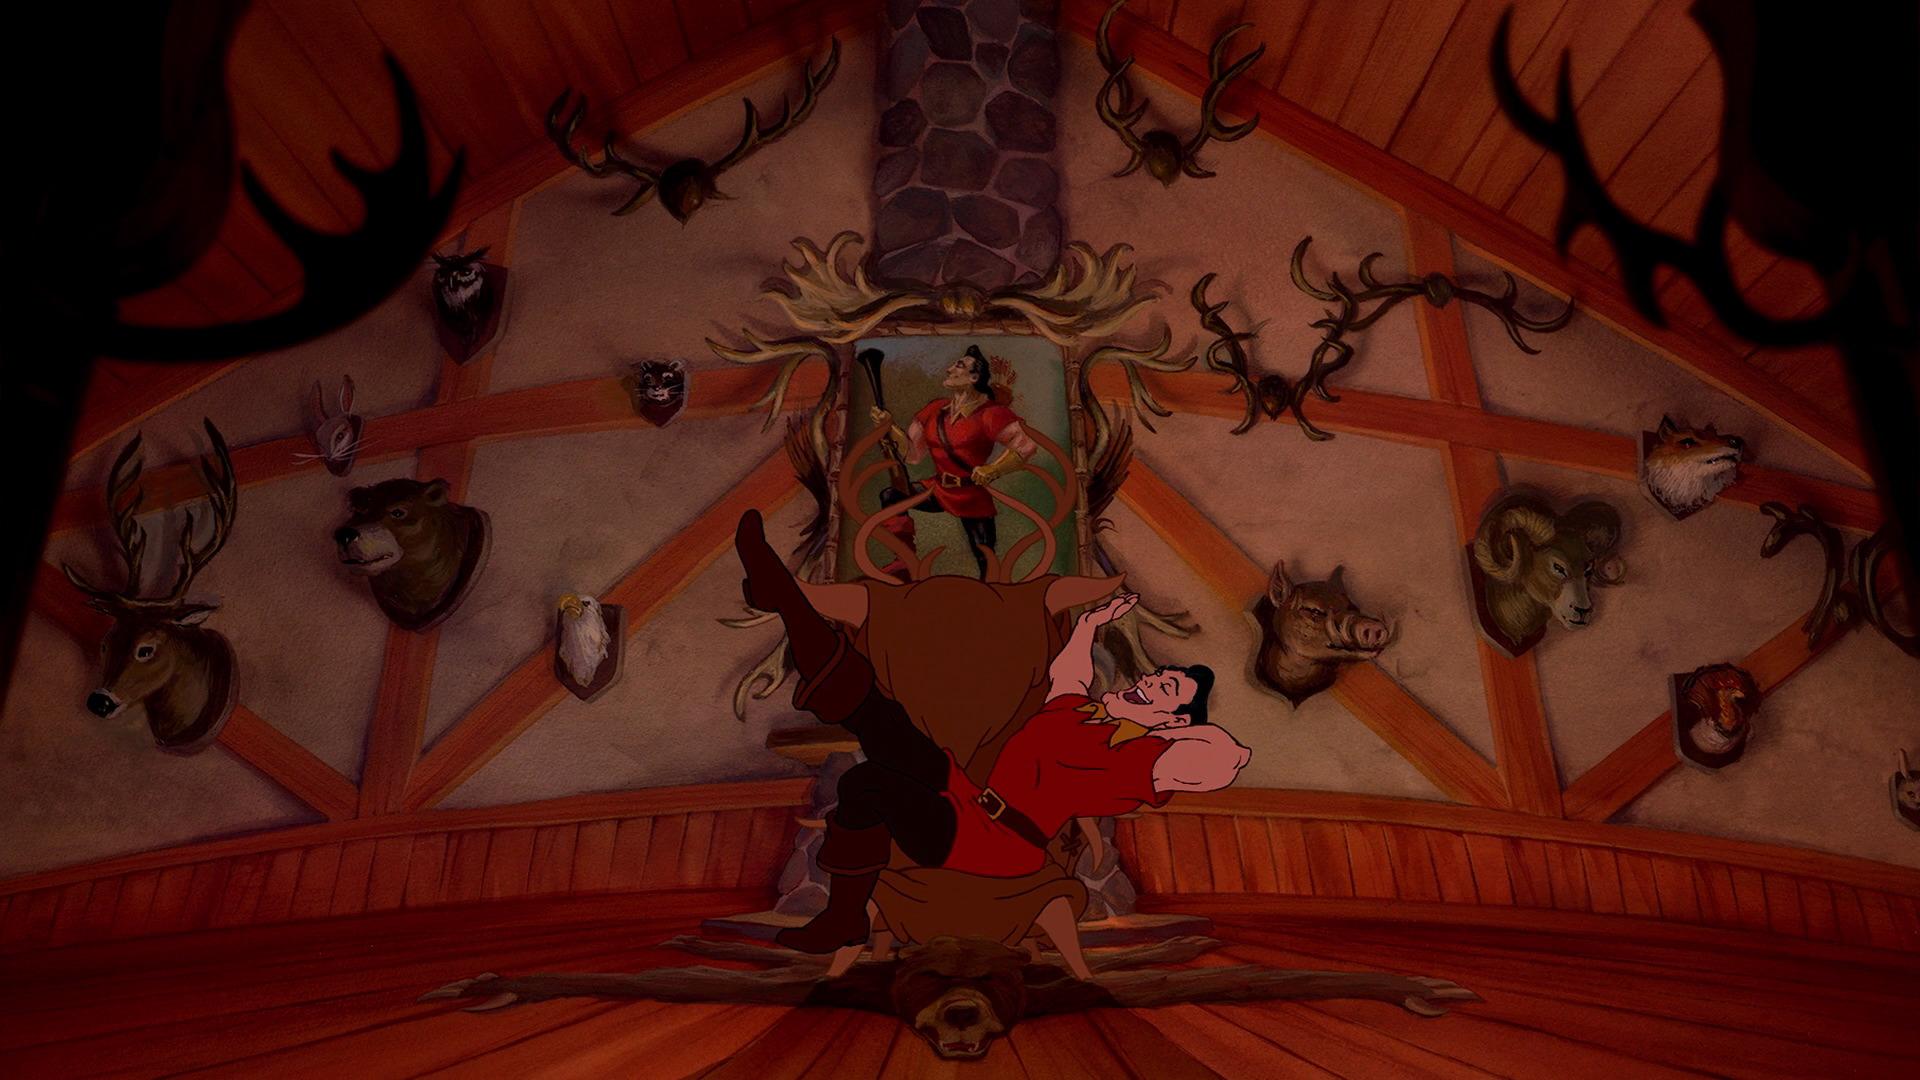 Gaston Song Disney Wiki Fandom Powered By Wikia